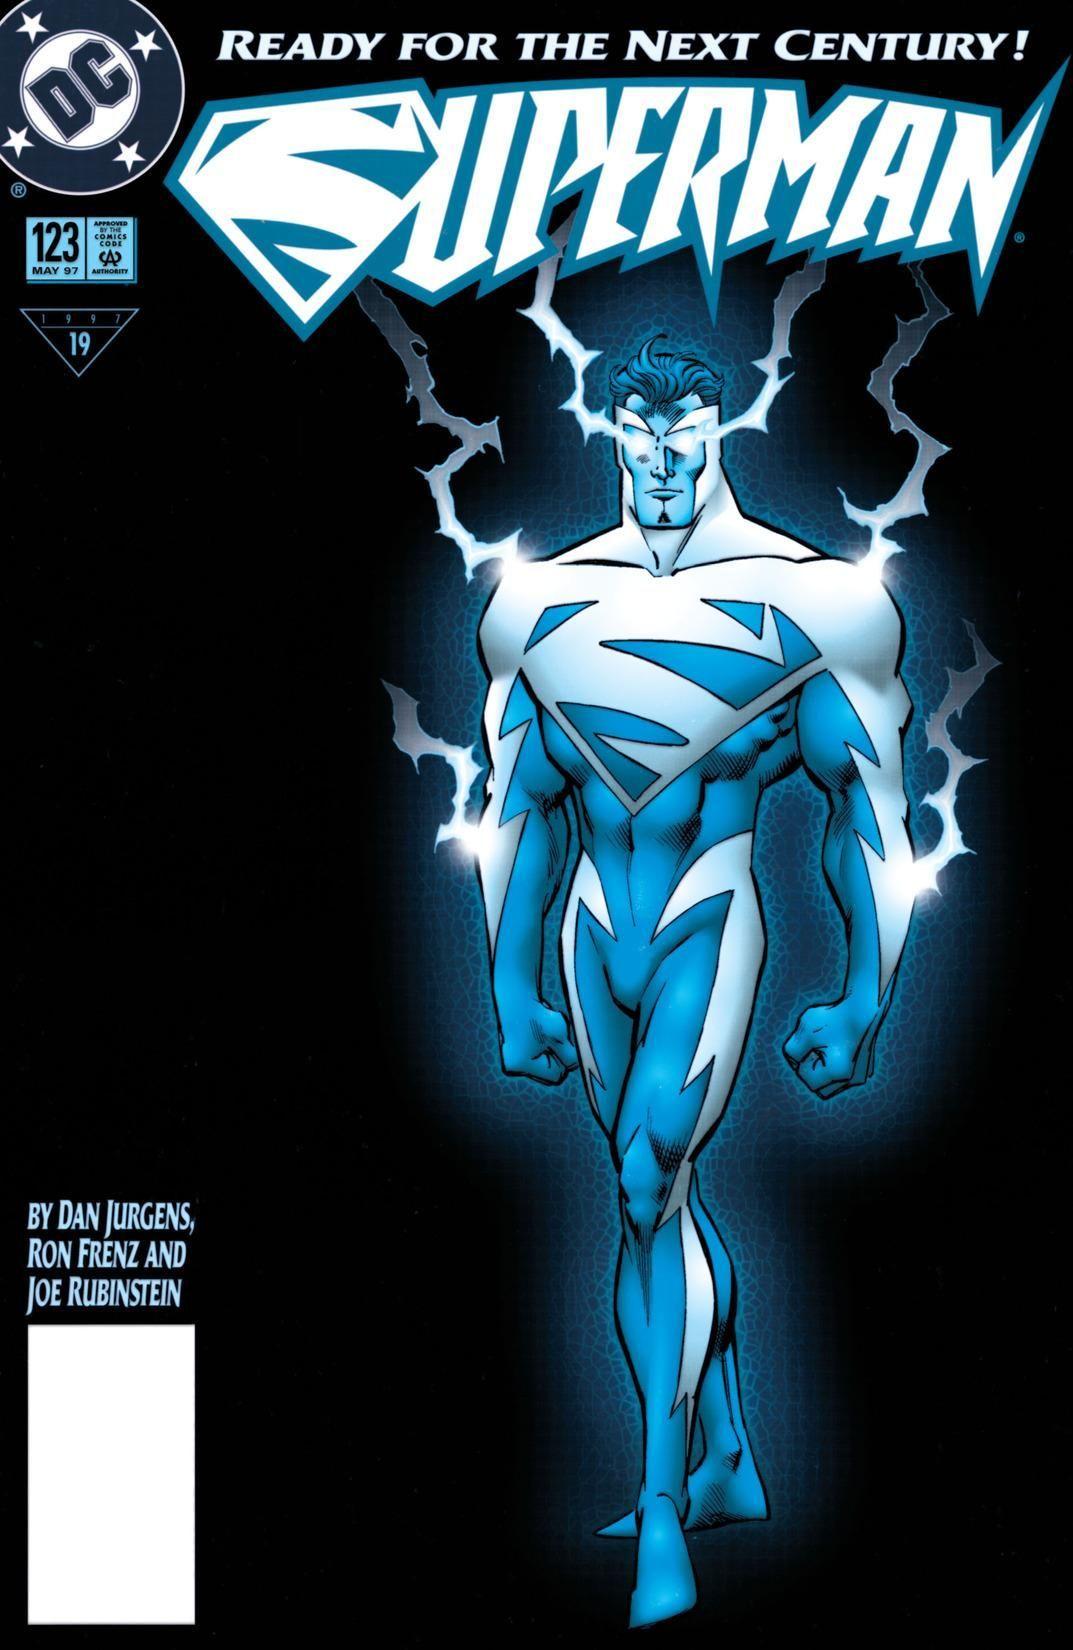 1997 Wonder Woman #123 DC Comics